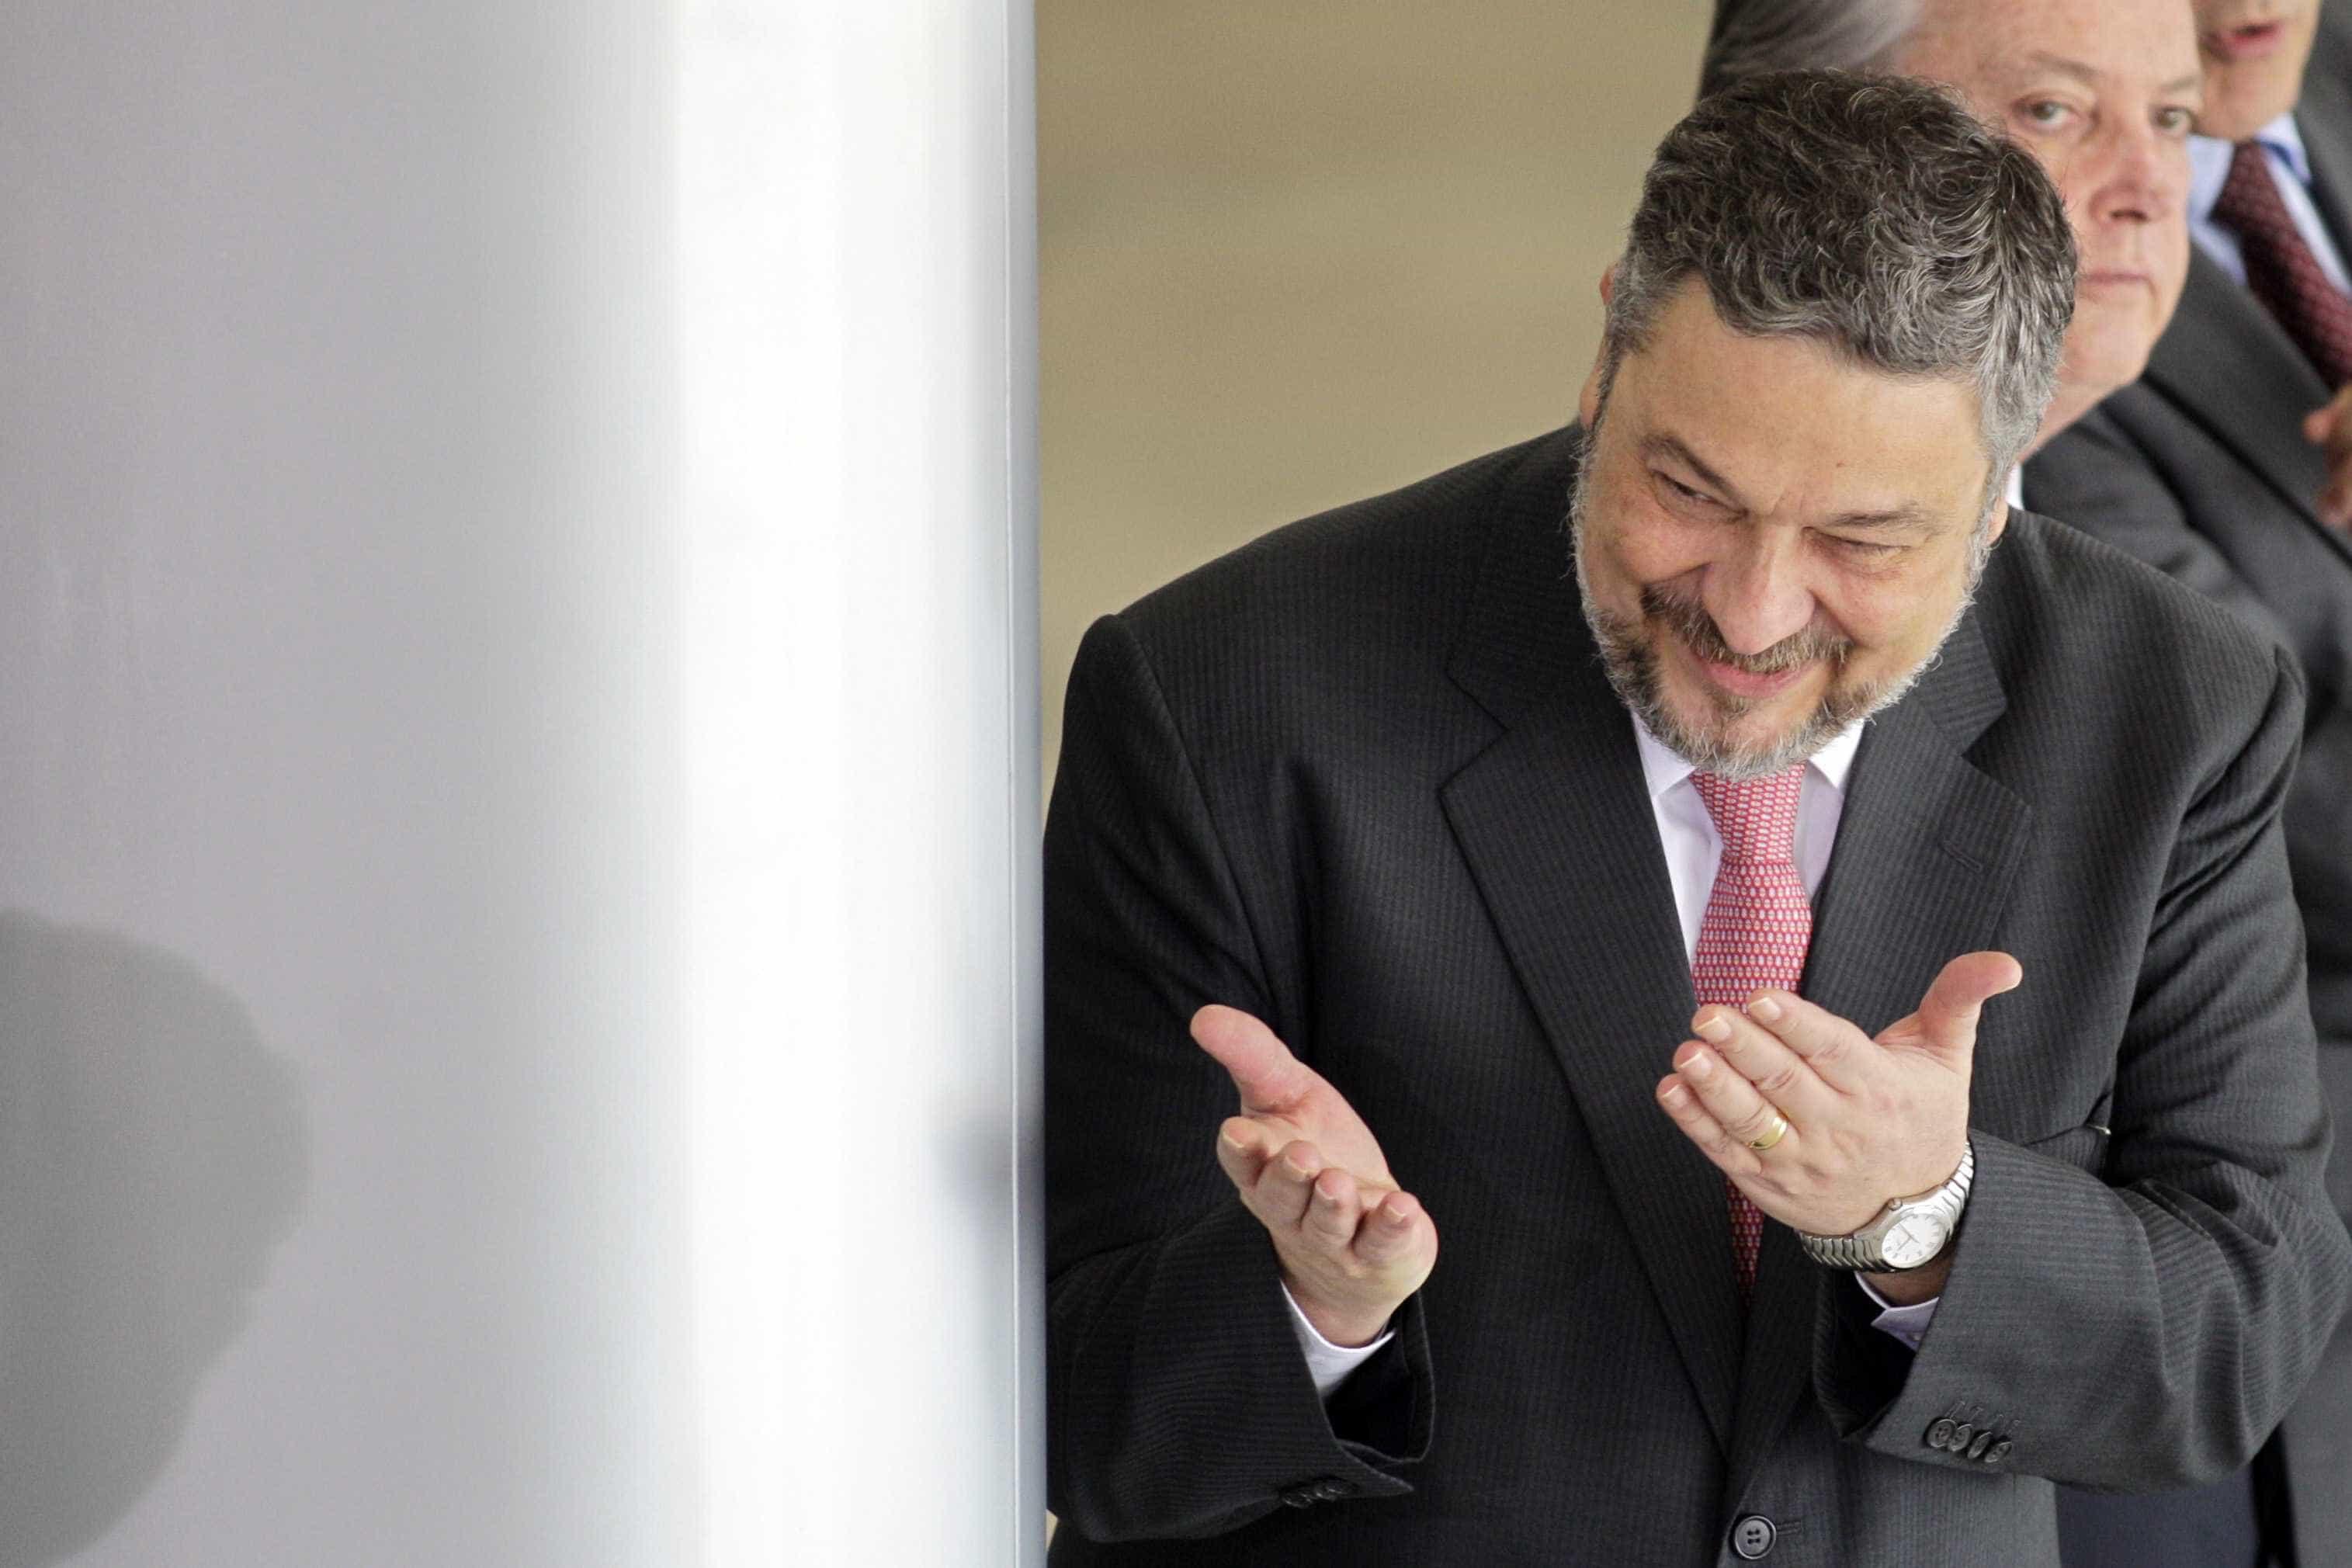 Dilma 'deu corda' para Lava Jato implicar Lula, diz Palocci em delação